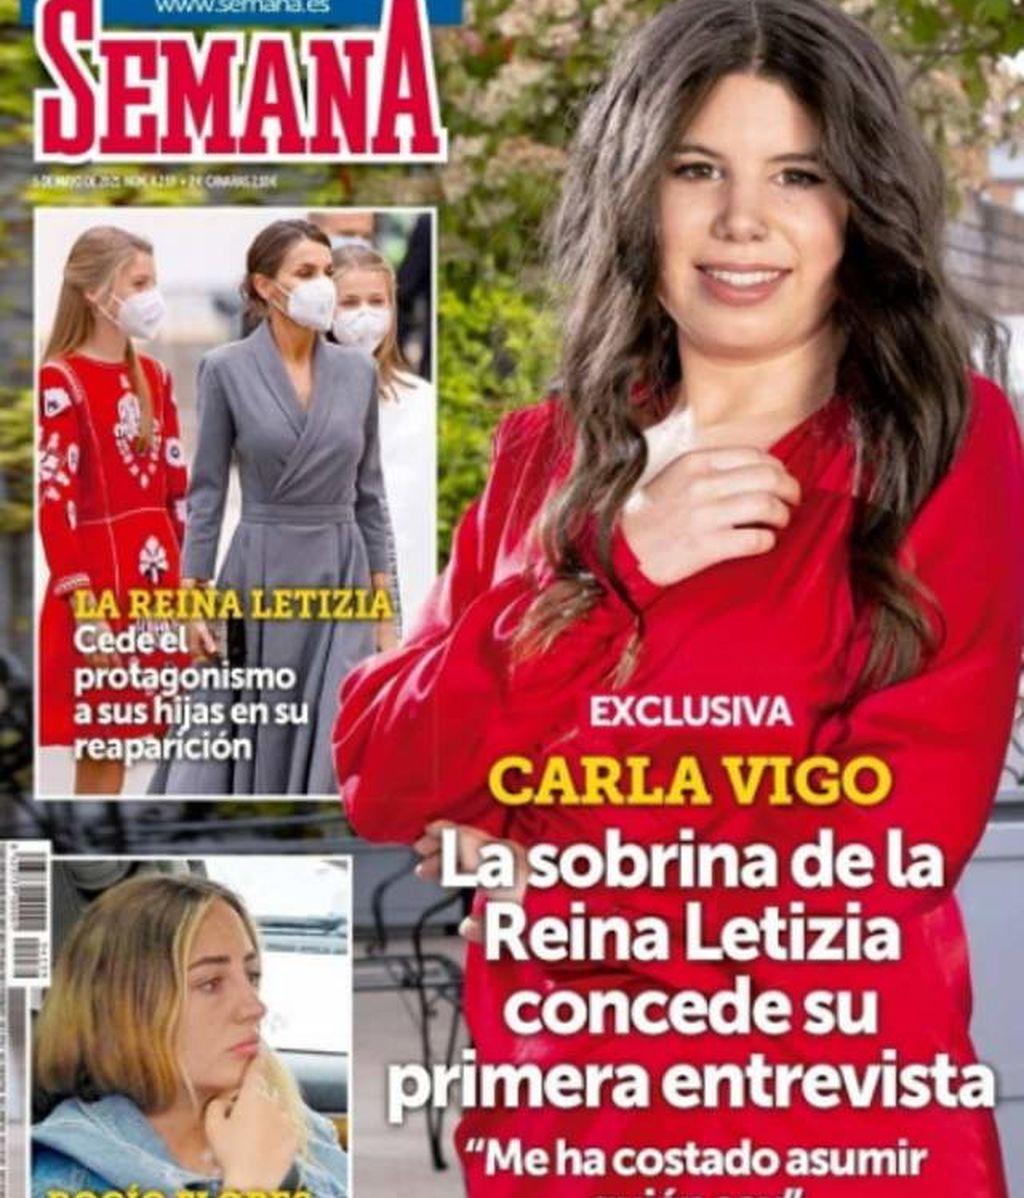 Carla Vigo, en la revista Semana